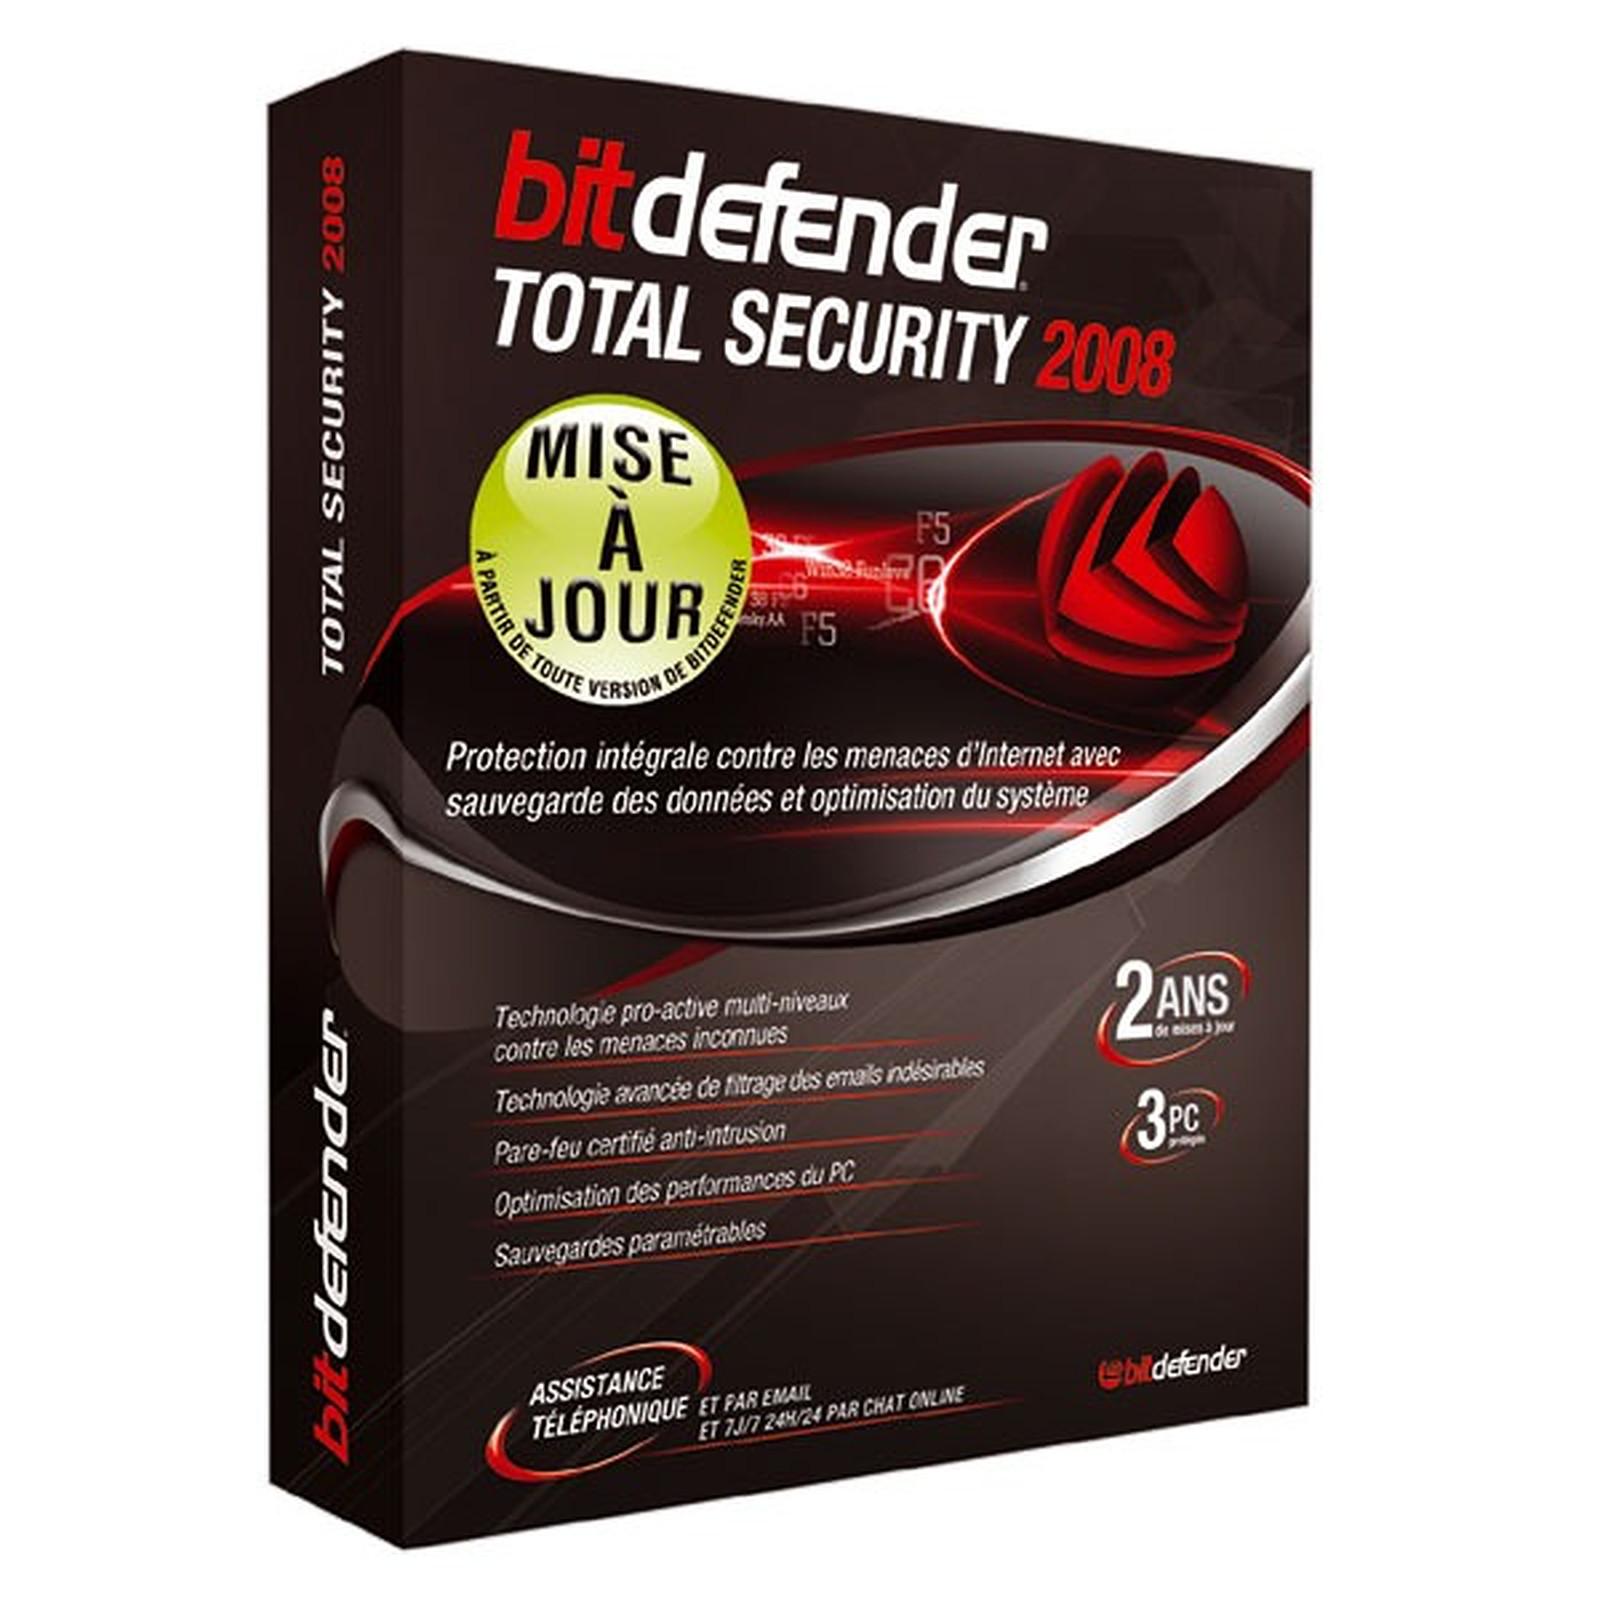 BitDefender Total Security 2008 - Mise à jour - Licence 2 ans 3 postes (français, WINDOWS)